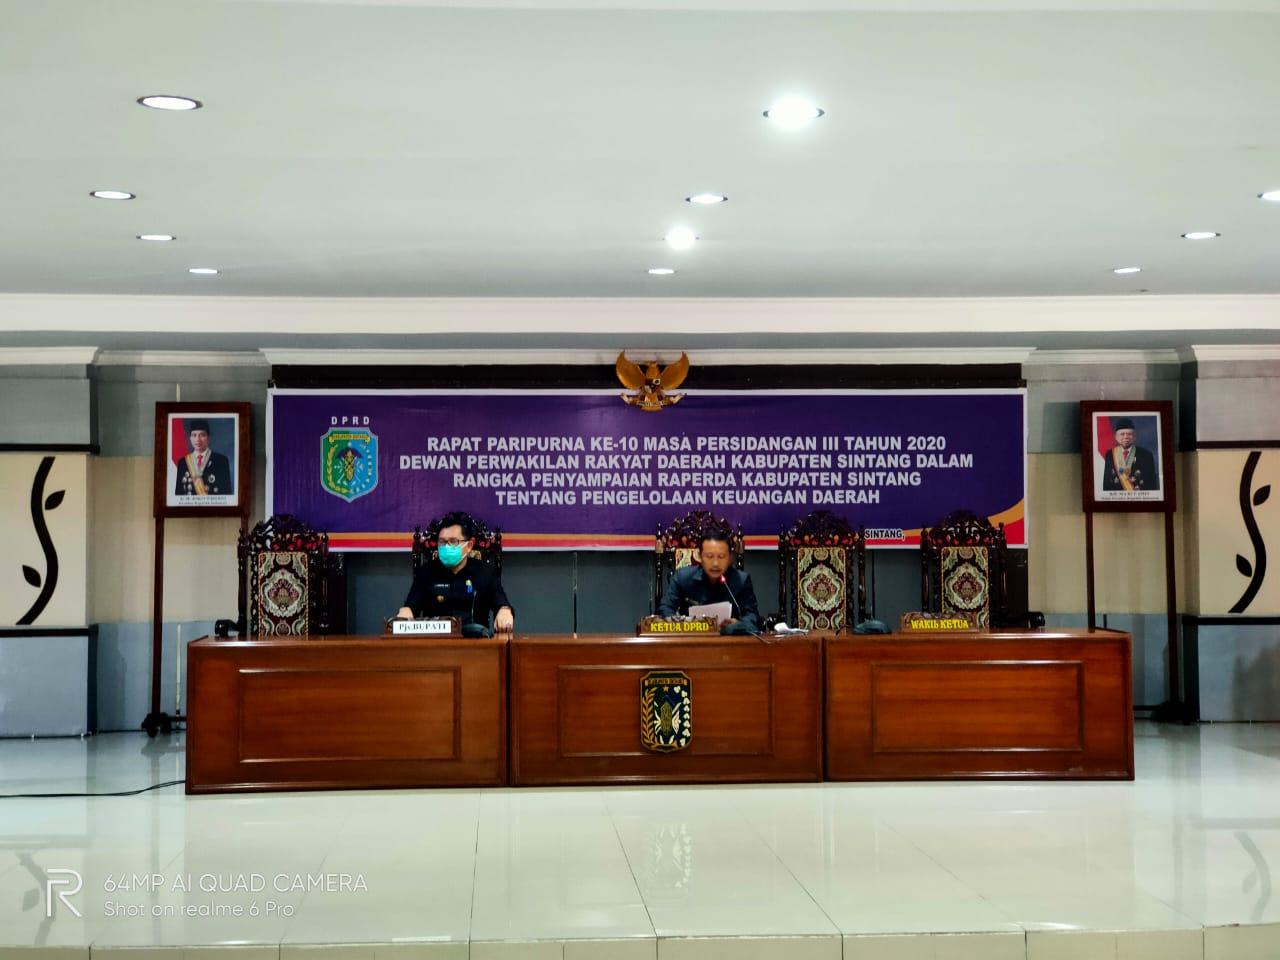 Rapat Paripurna Ke-10 DPRD Kabupaten Sintang